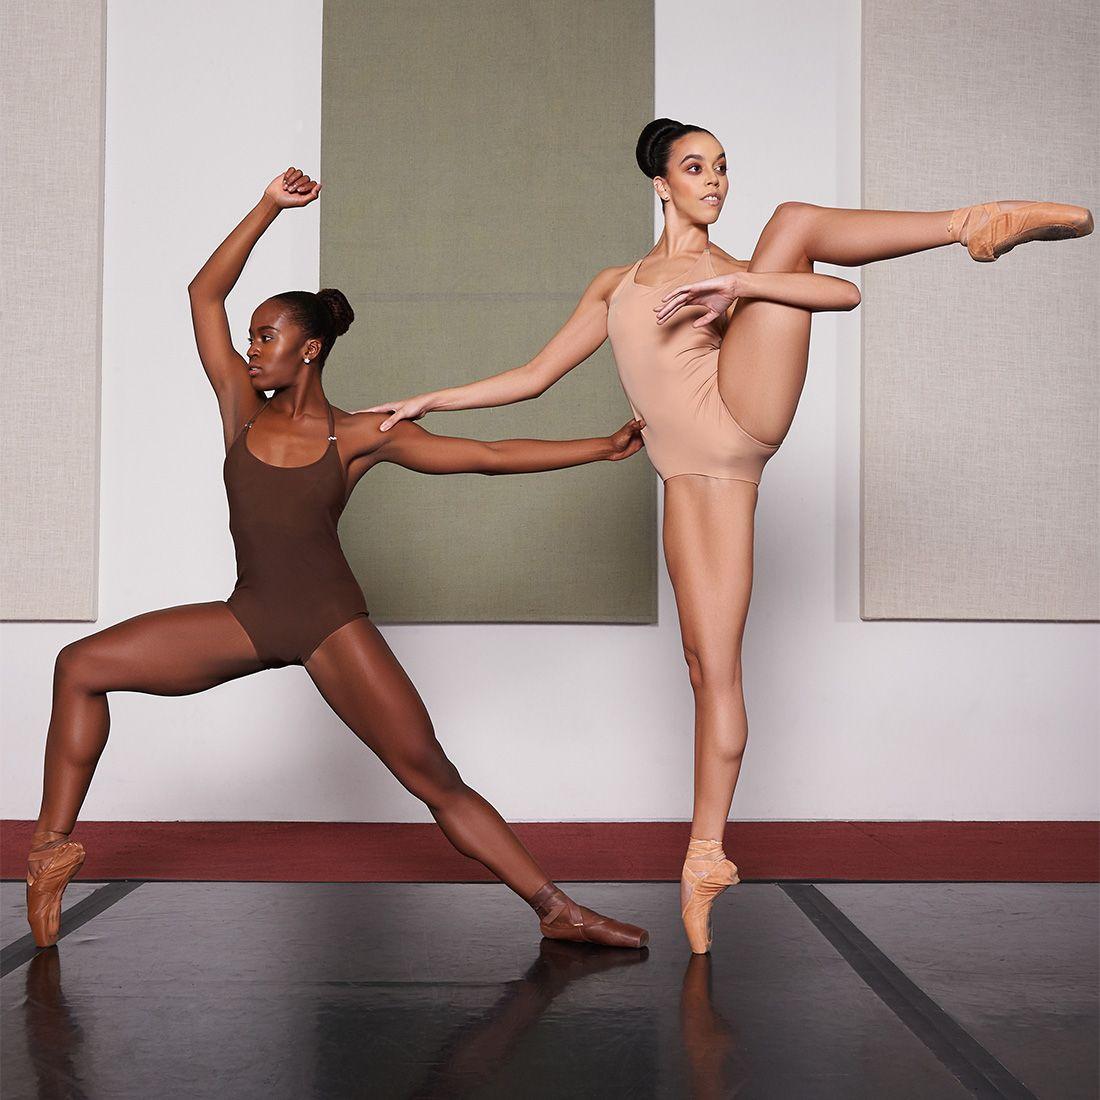 Women fucked uncensored photos of nude ballet dancers black milf